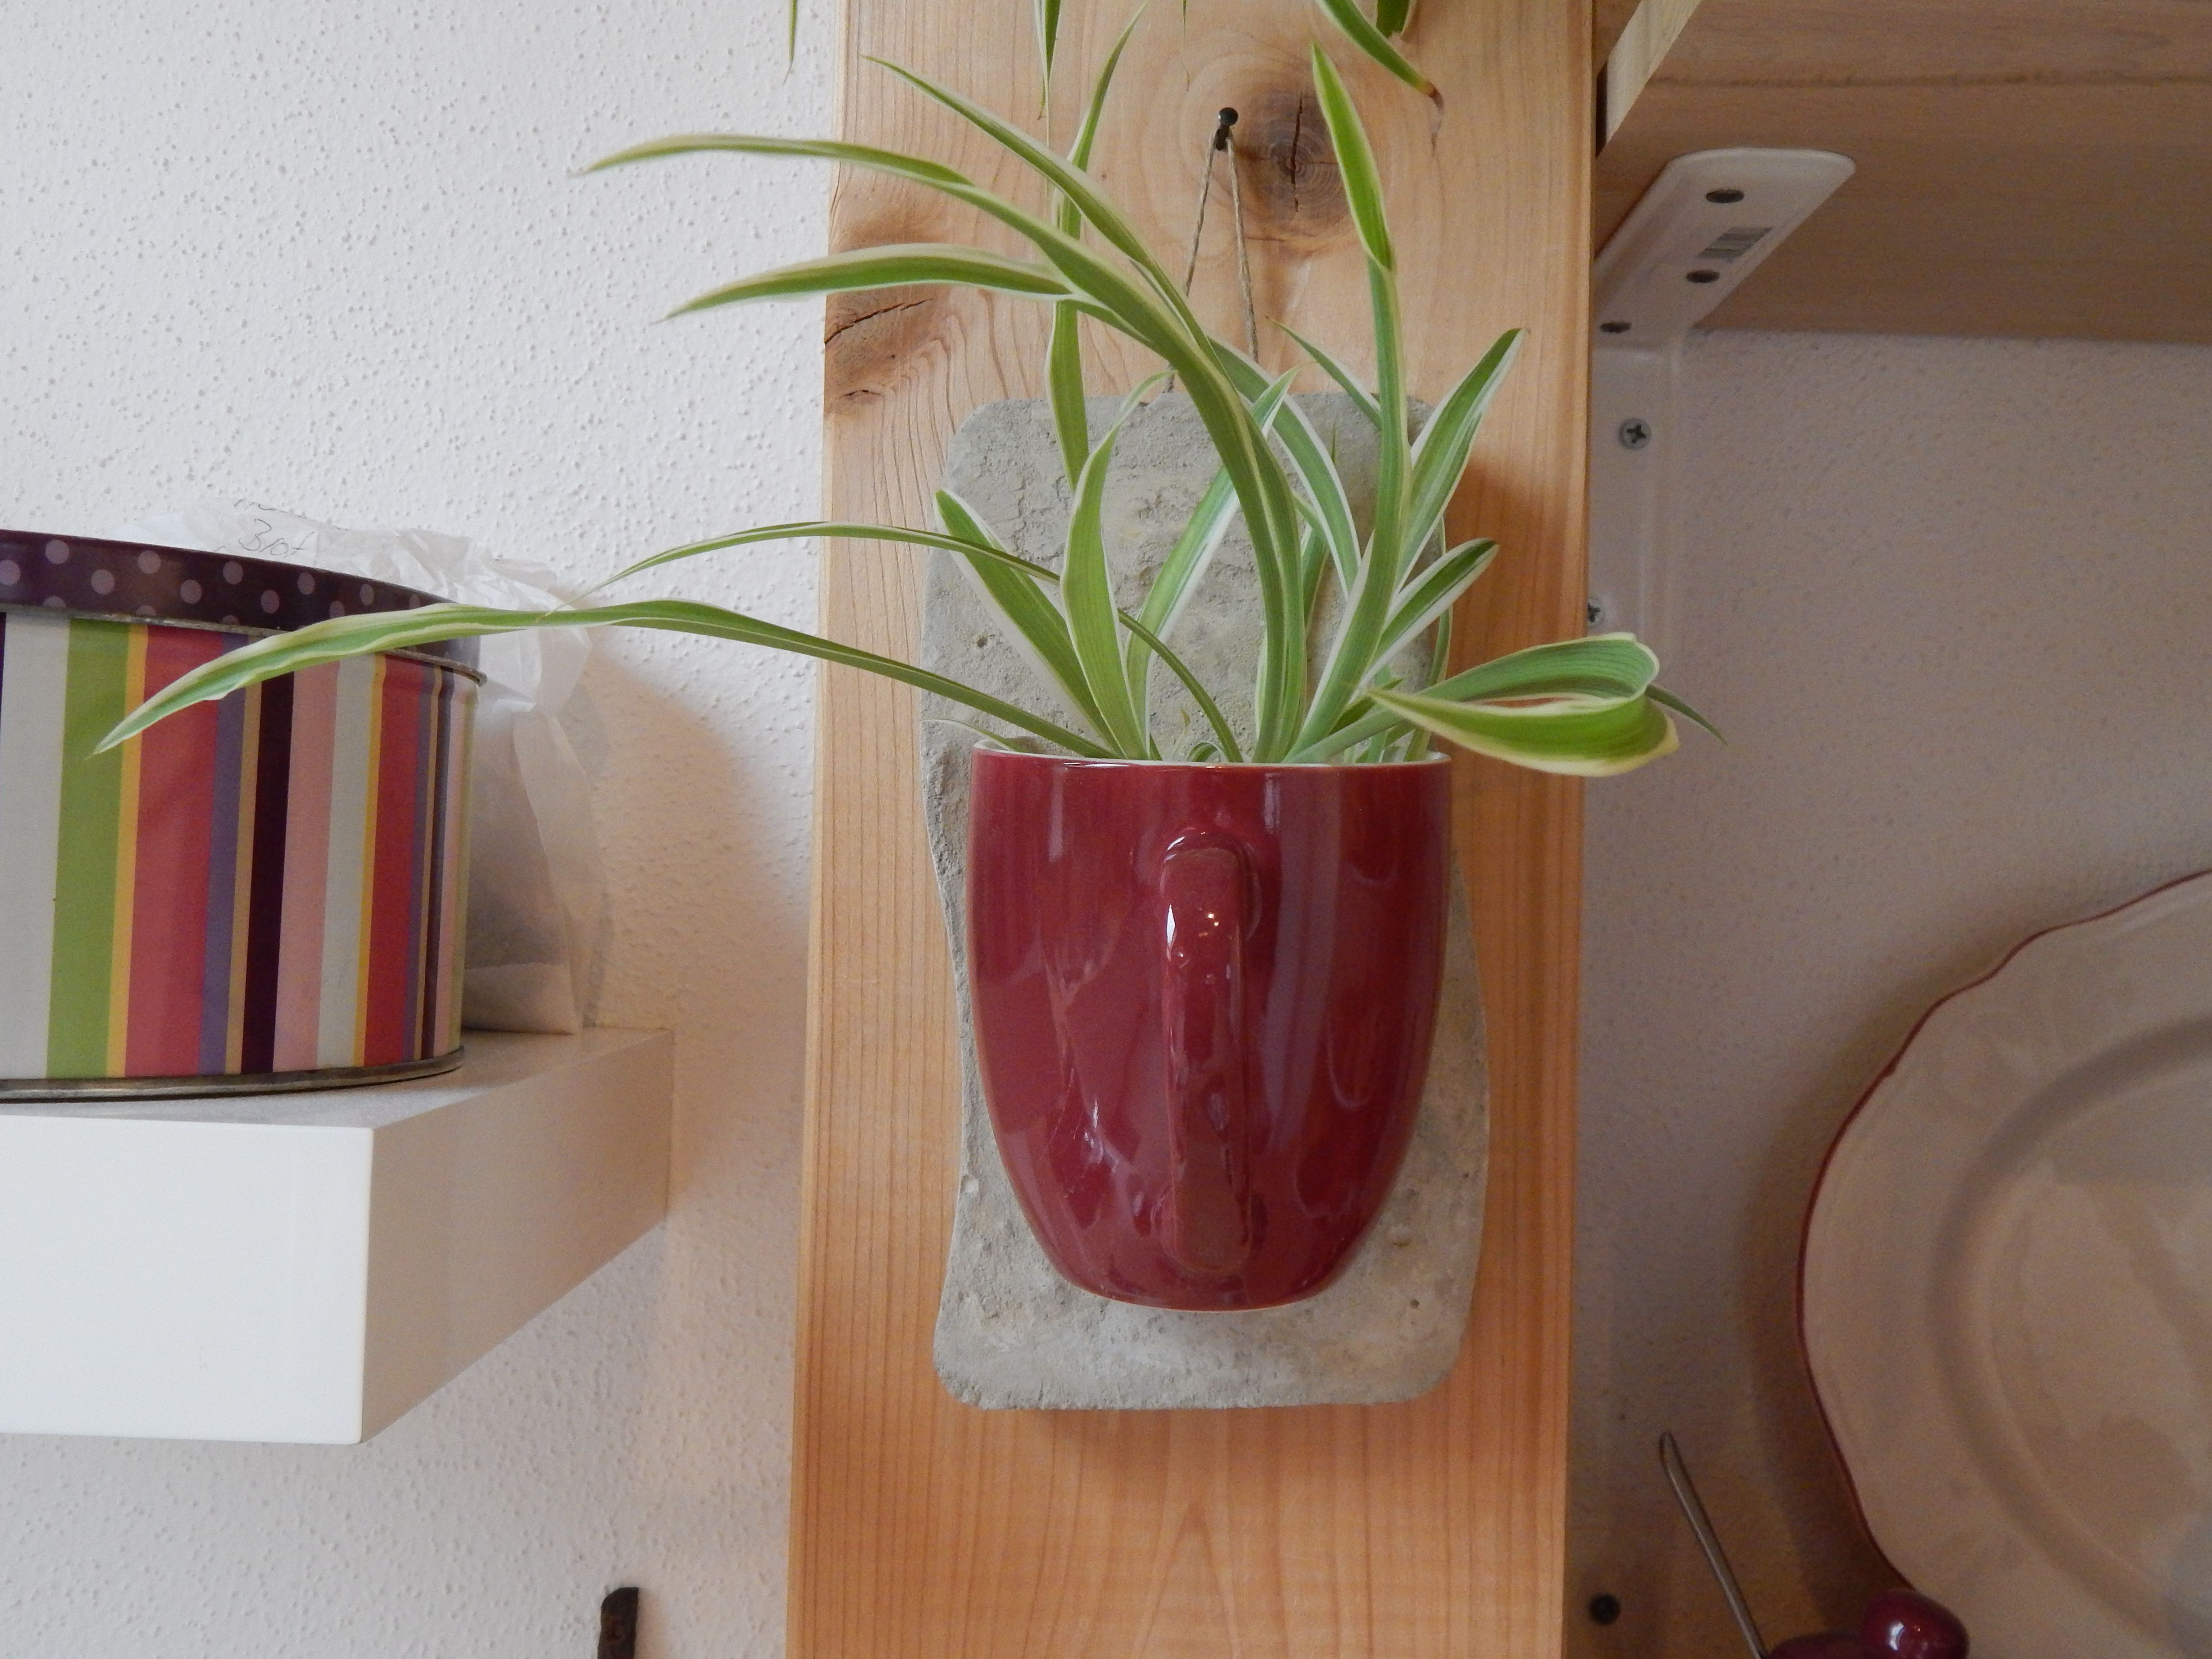 Kaputte Tasse Gerettet Ideen Rund Ums Haus Tassen